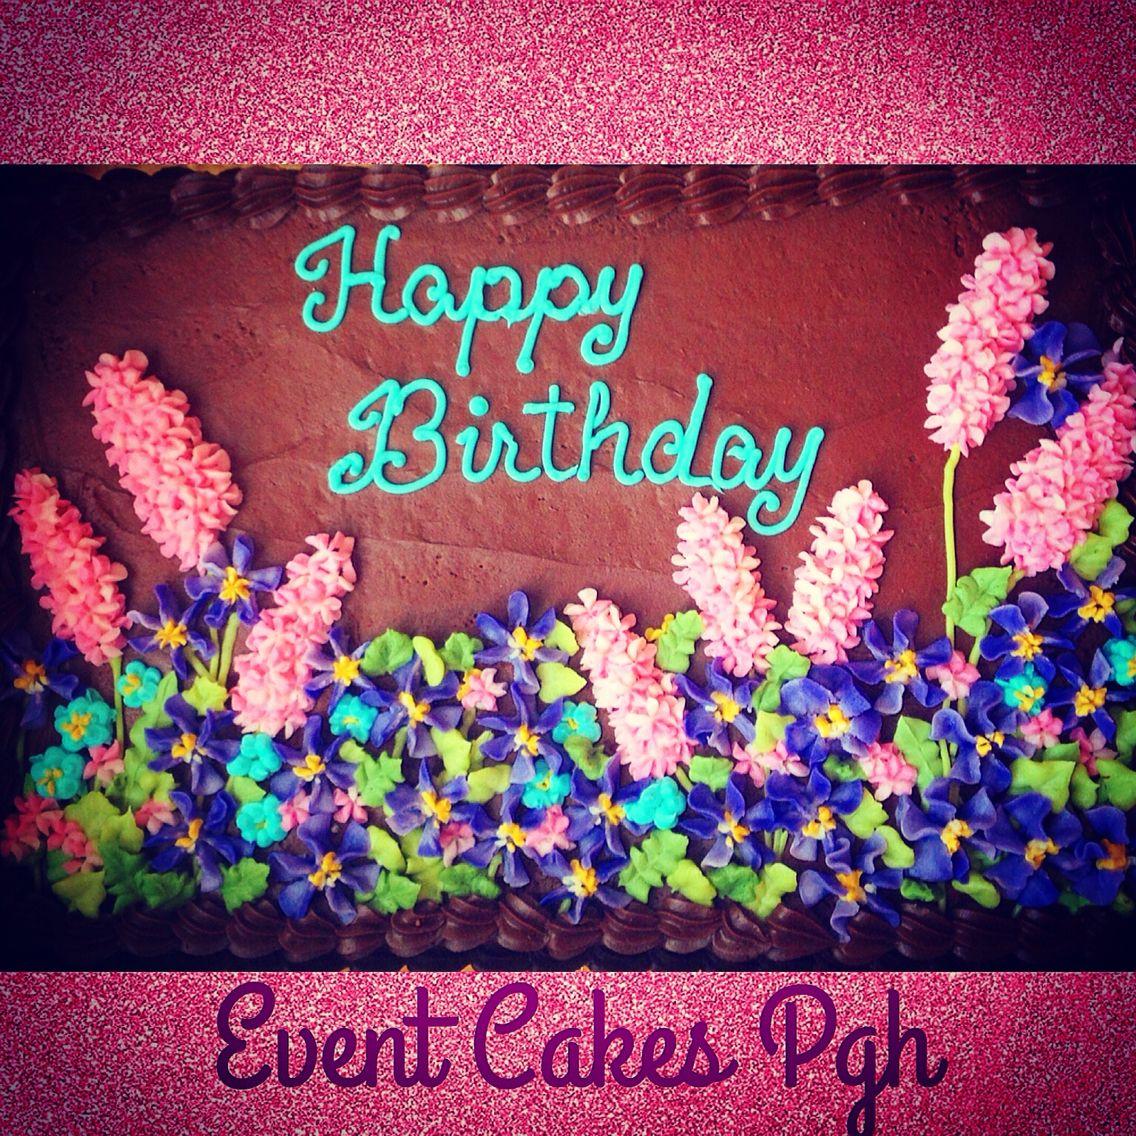 flower garden in winter 9x13 happy birthday sheet cake event